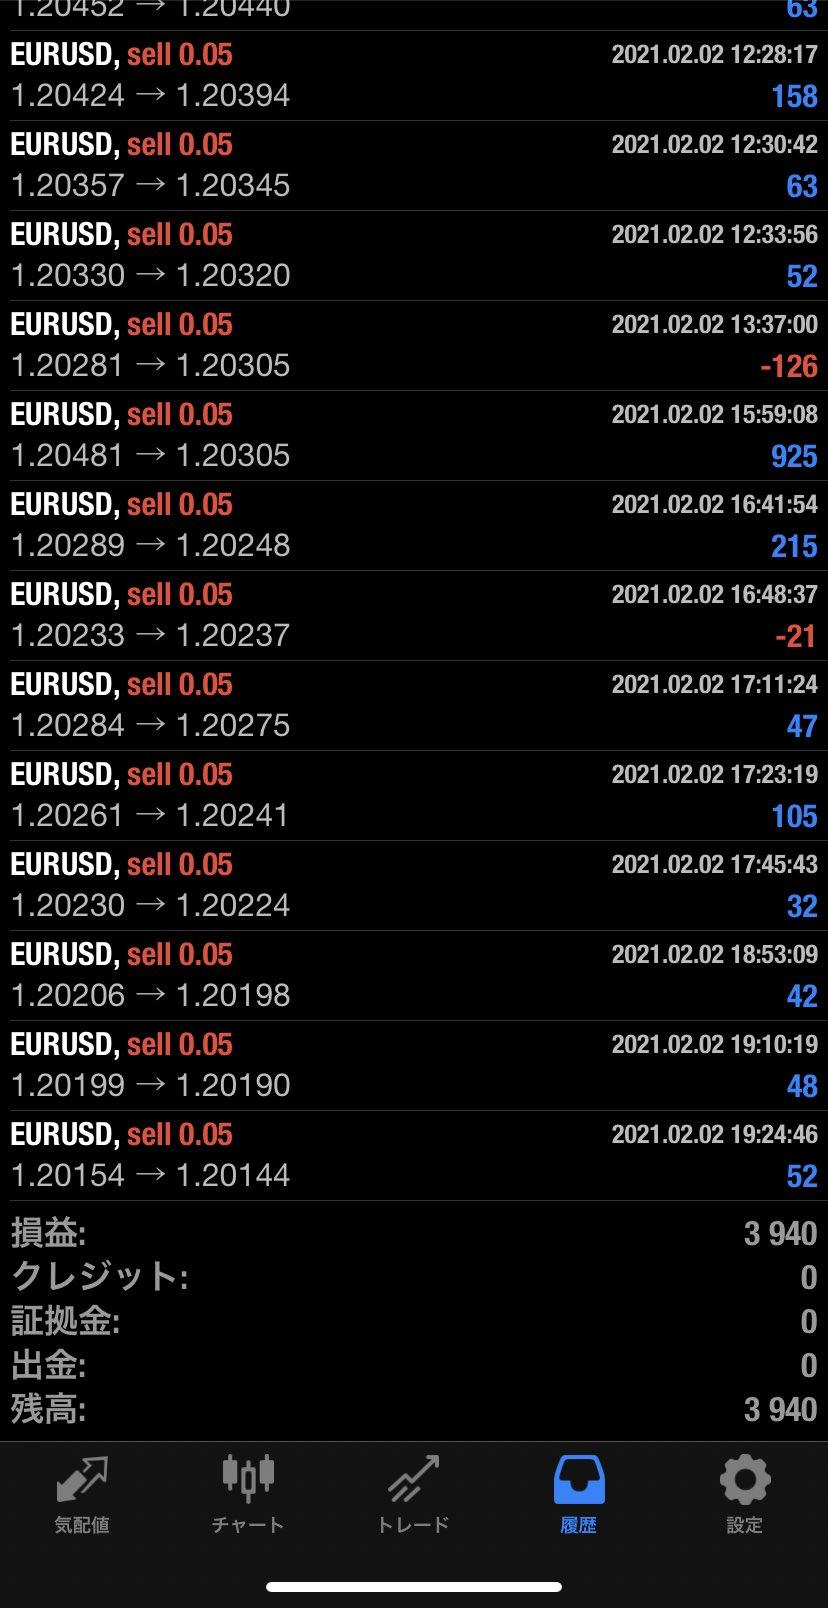 2021年2月2日 EUR/USDバージョン3,940円